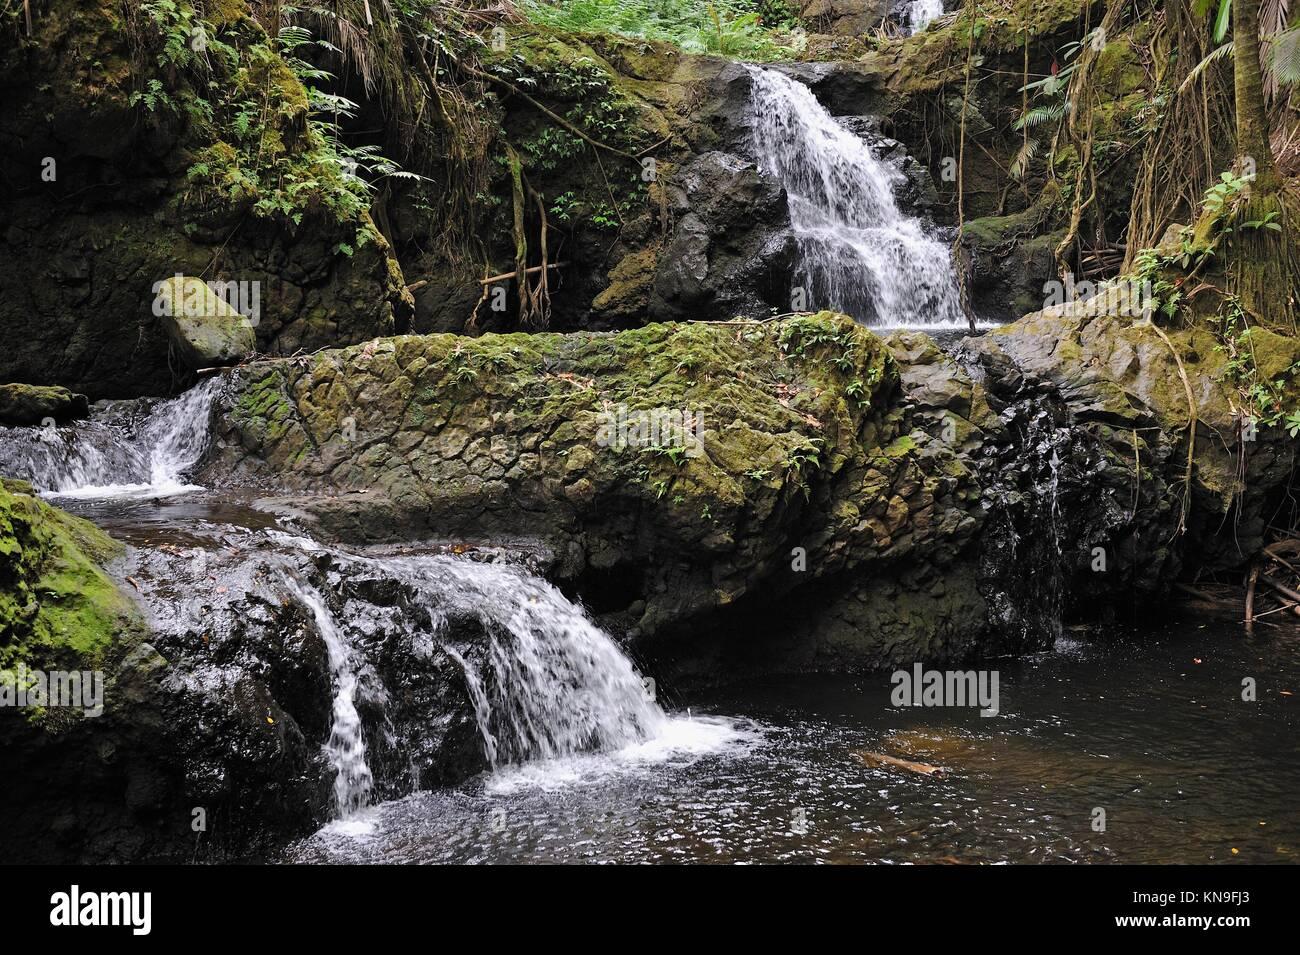 Waterfalls In Nature Big Island Hawaii Islands Usa